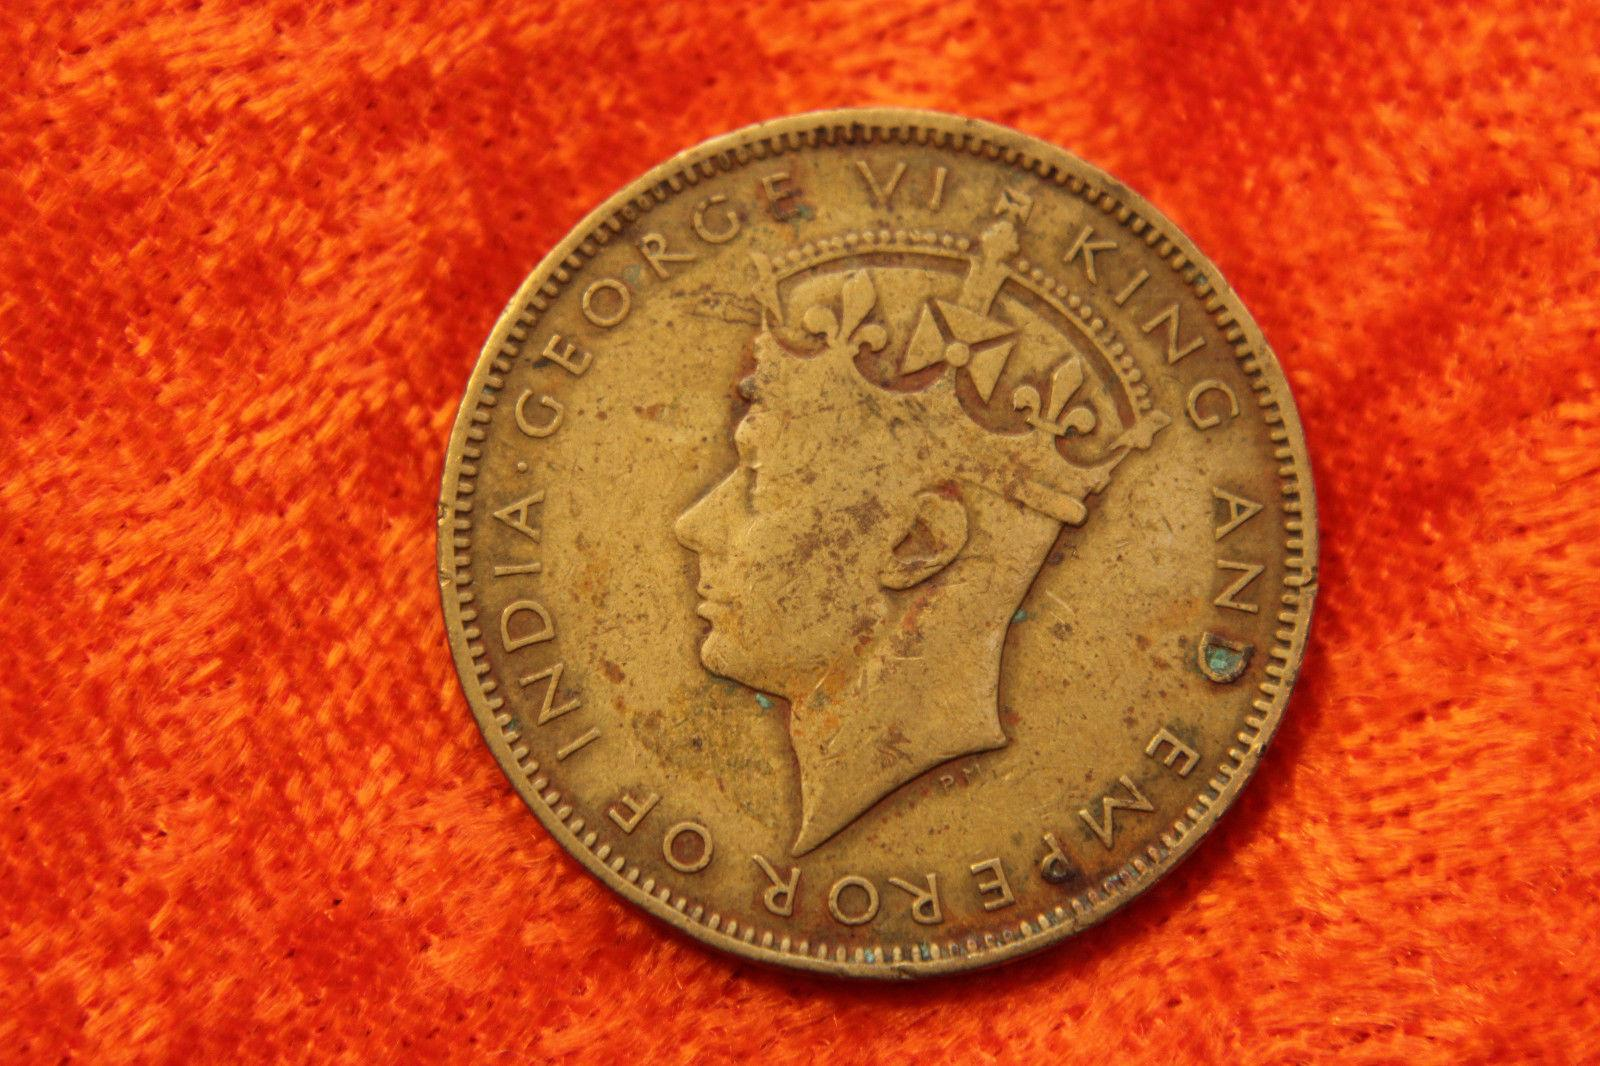 Цена монеты 1 пенни (penny) 1945 года Ямайка: стоимость по аукционам